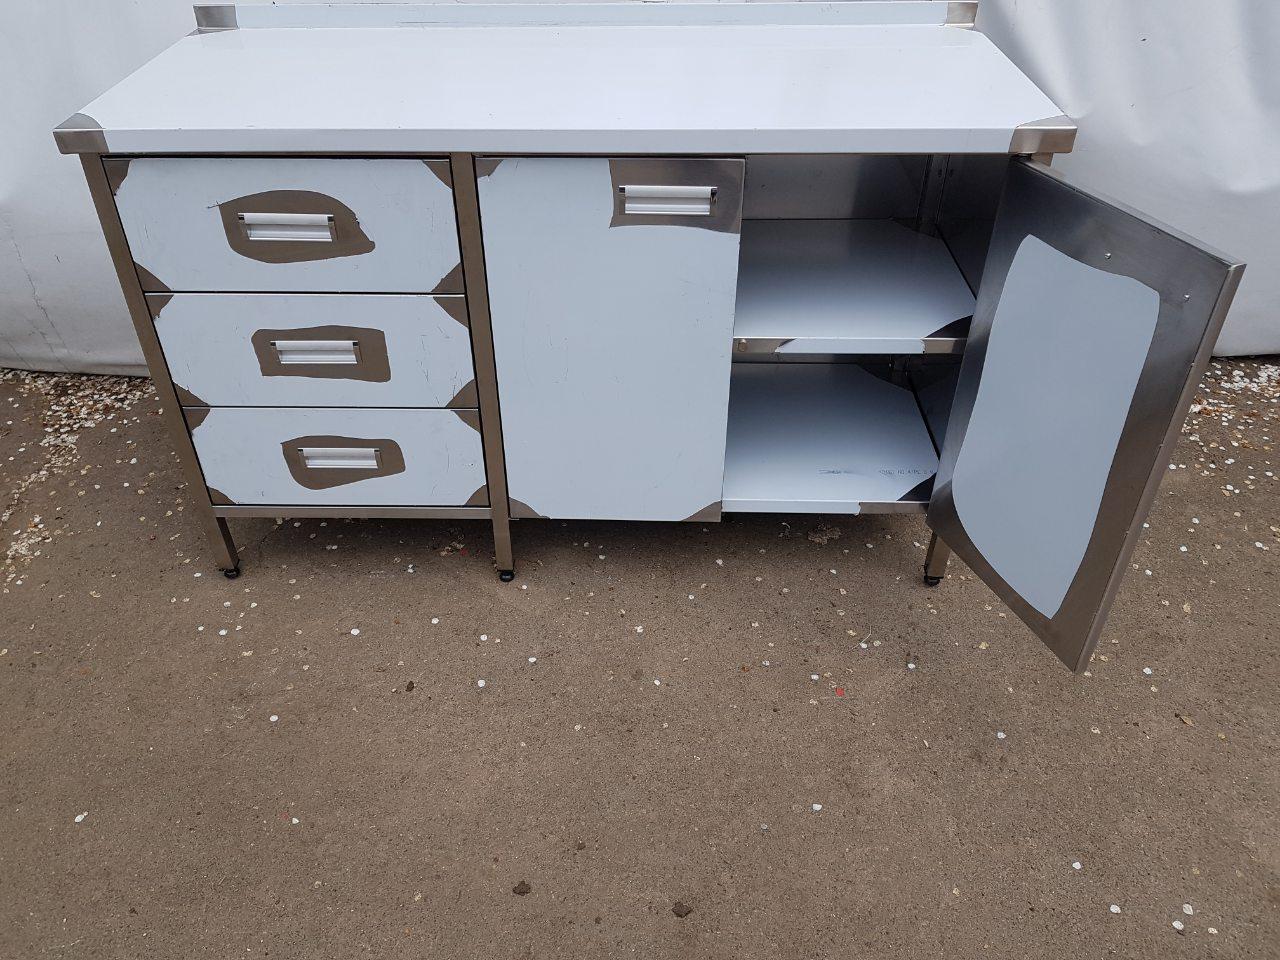 Стол производственный закрытый 1800мм x 600мм x 850мм - фотография №7